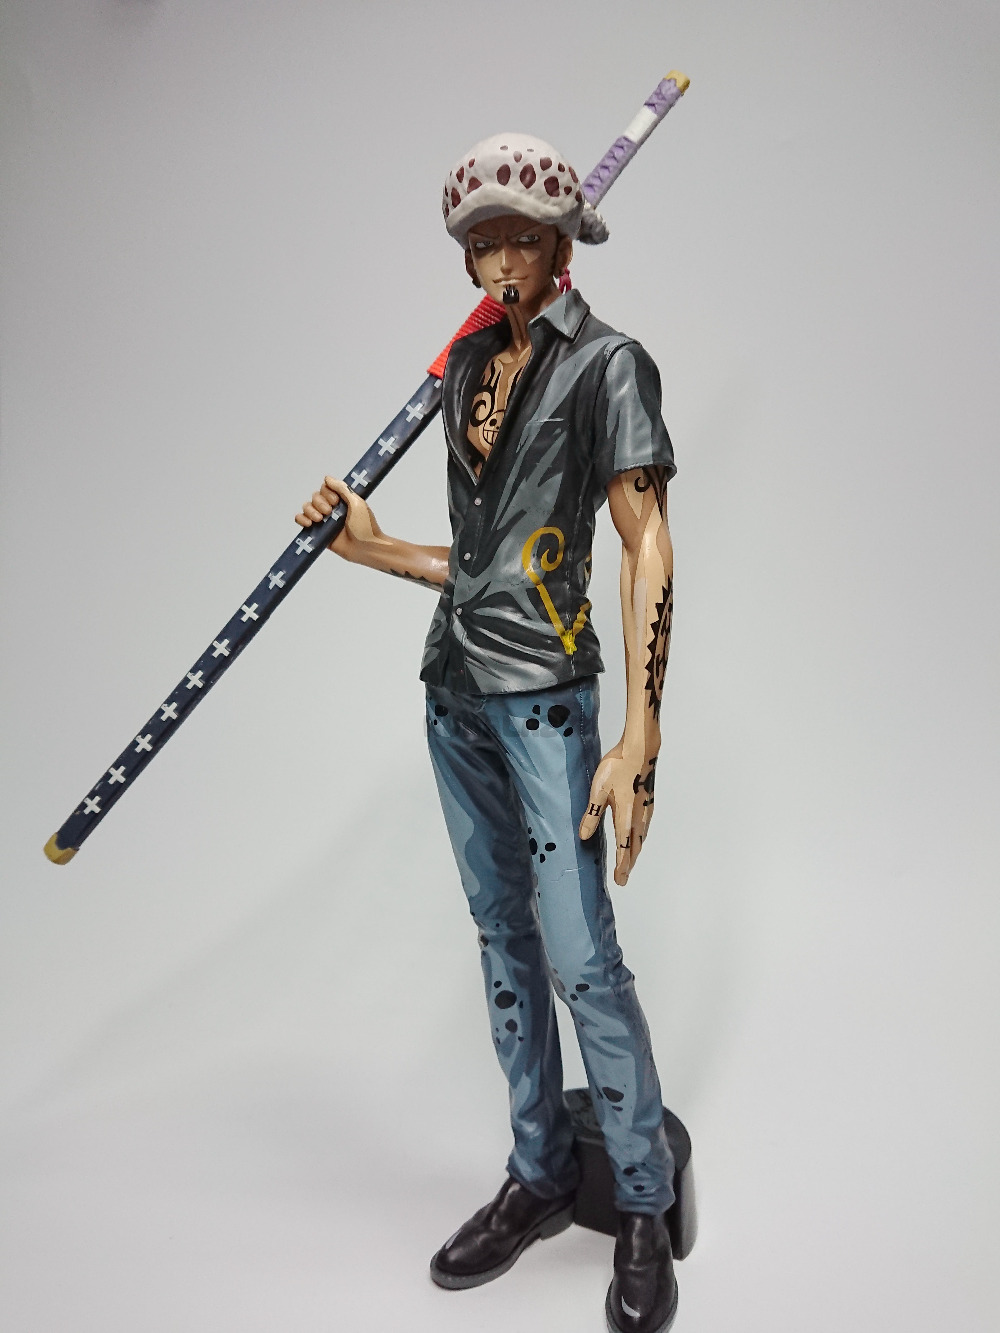 LAW Figure Trafalgar Law Luffy One Piece Santoryu MSP Comic Ver Death Doctor One Piece 28cm Action Figure KID GIFT